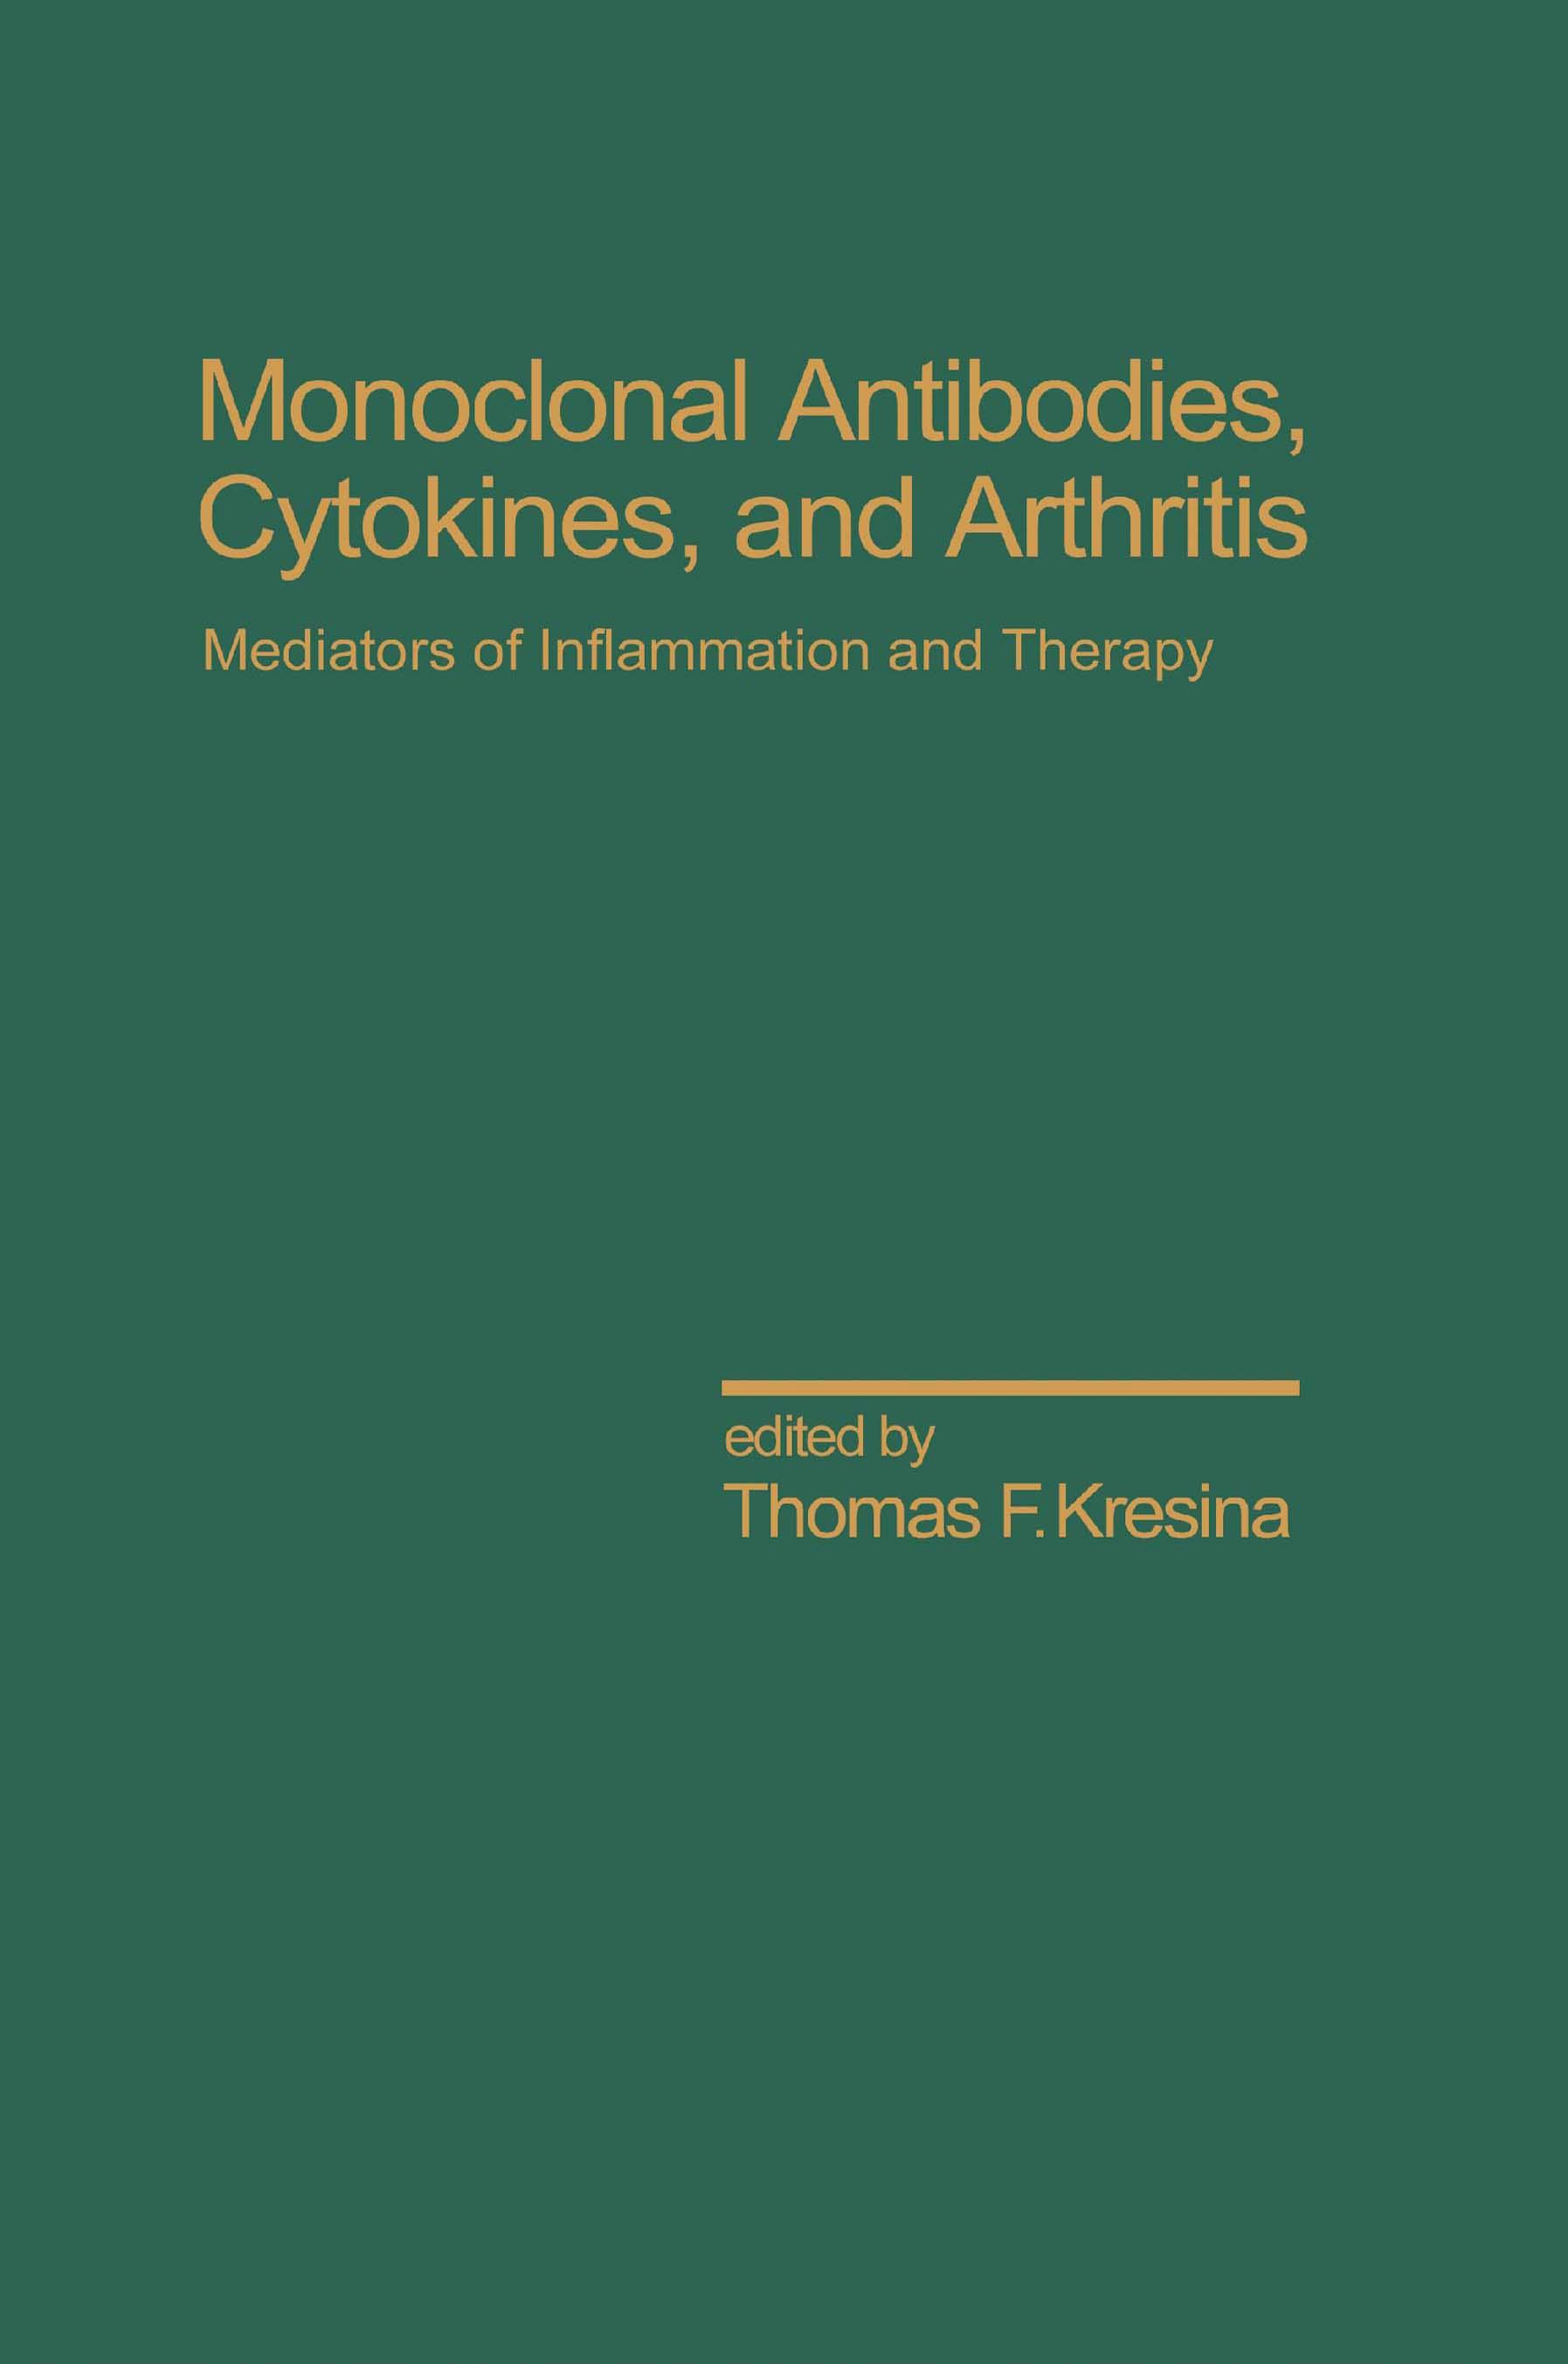 Monoclonal Antibodies, Cytokines, and Arthritis